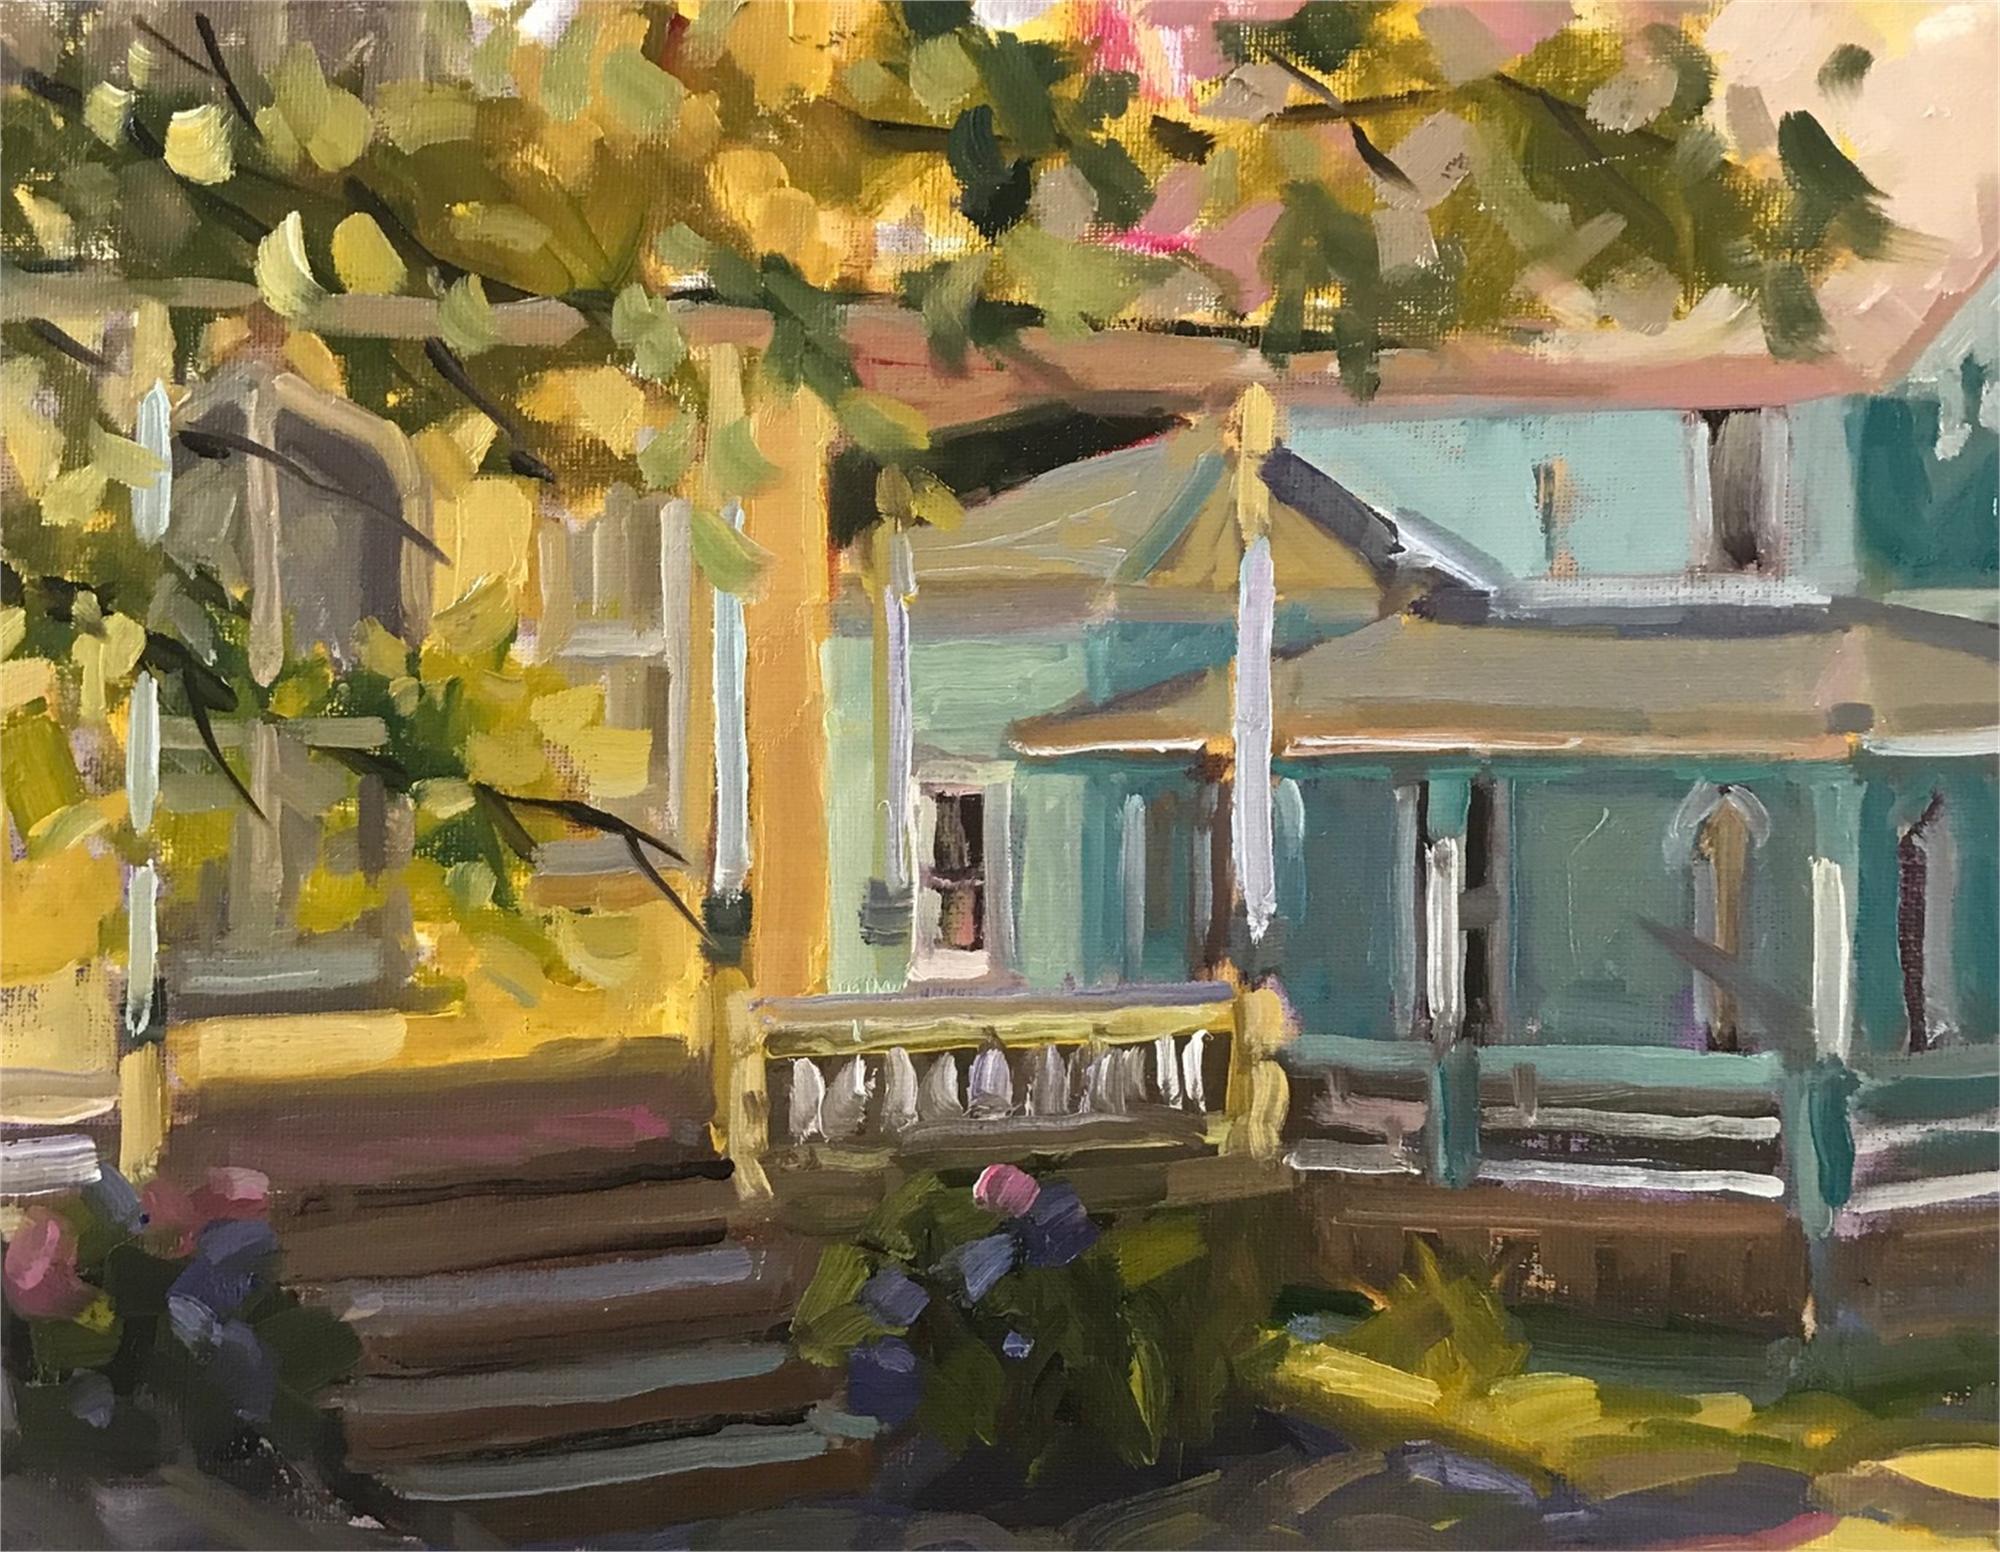 Oak Bluffs by Laurie Meyer